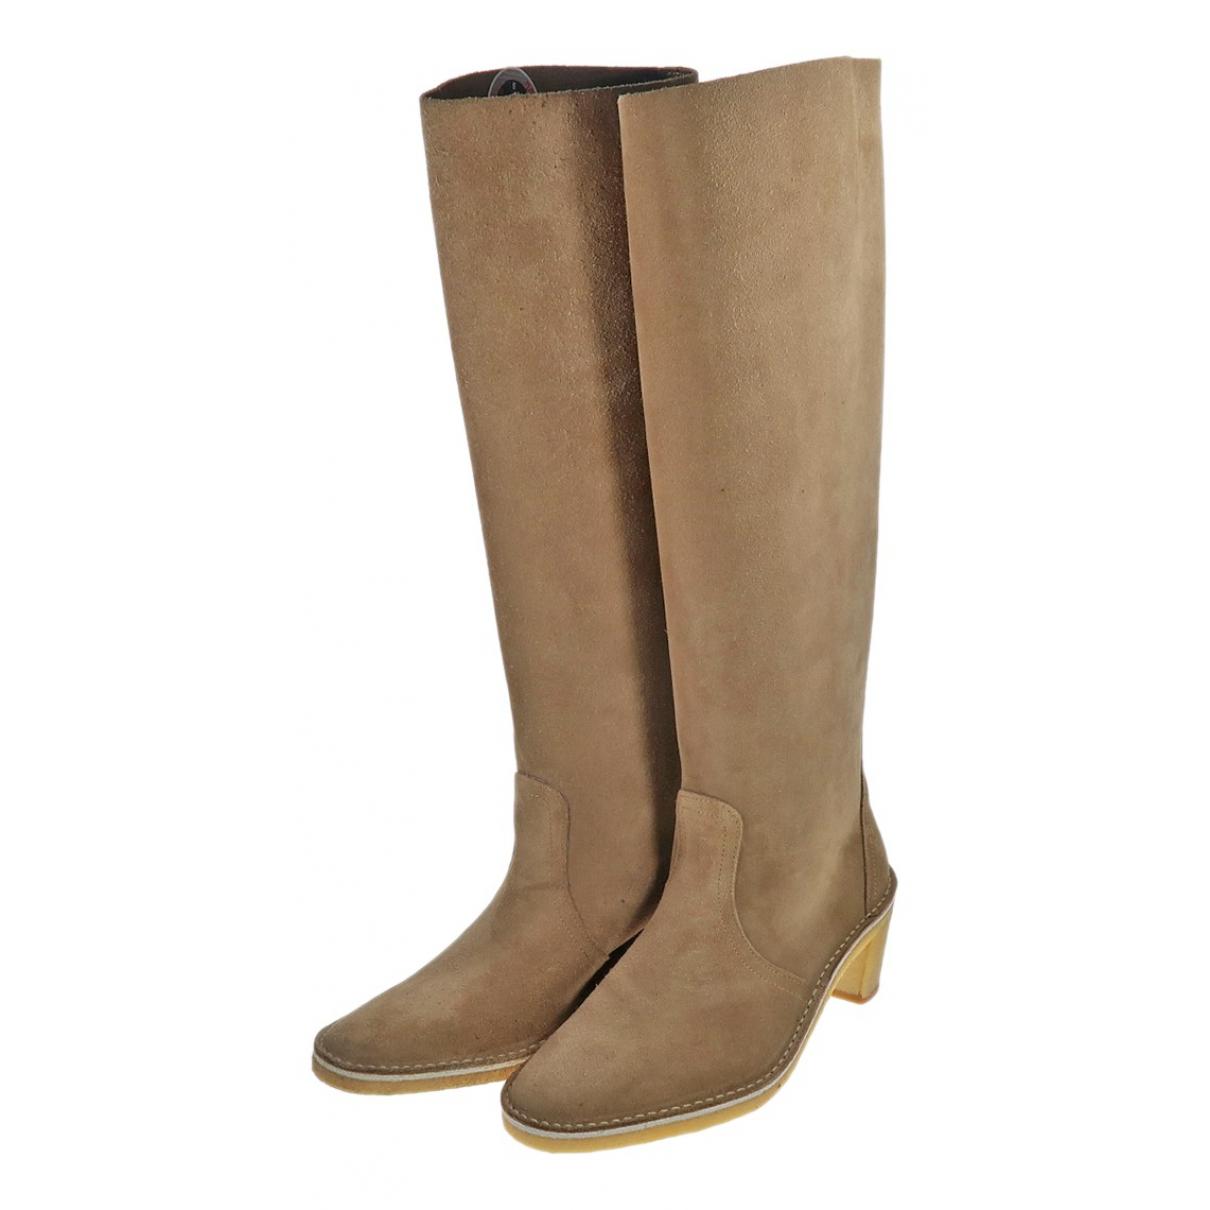 Pierre Hardy N Beige Suede Boots for Women 35 EU